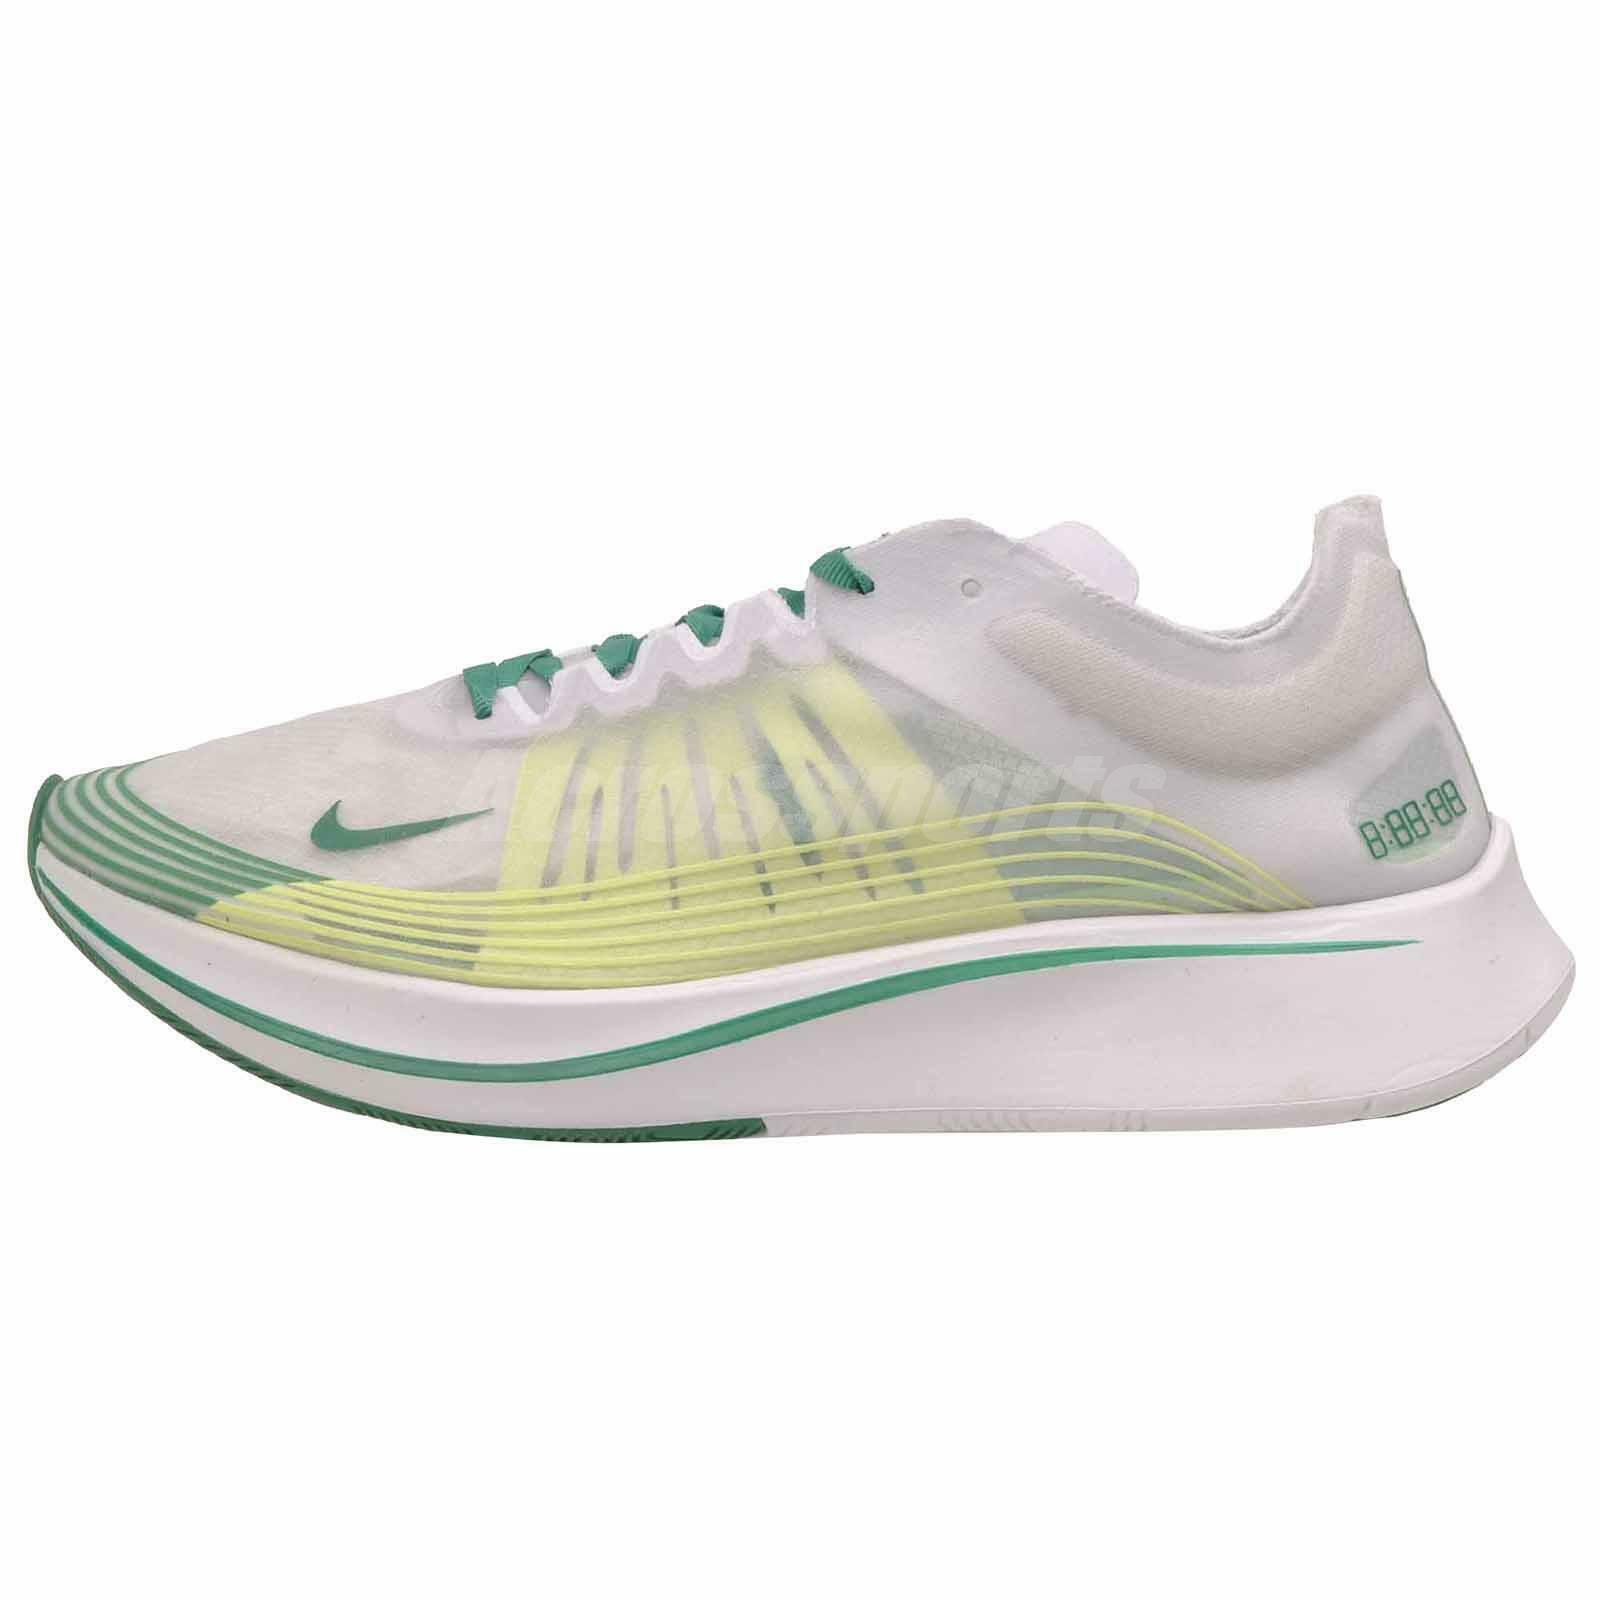 Nike Zoom Fly SP Correr Para hombres Zapatos Oregon Ducks blancoo verde AJ9282-101